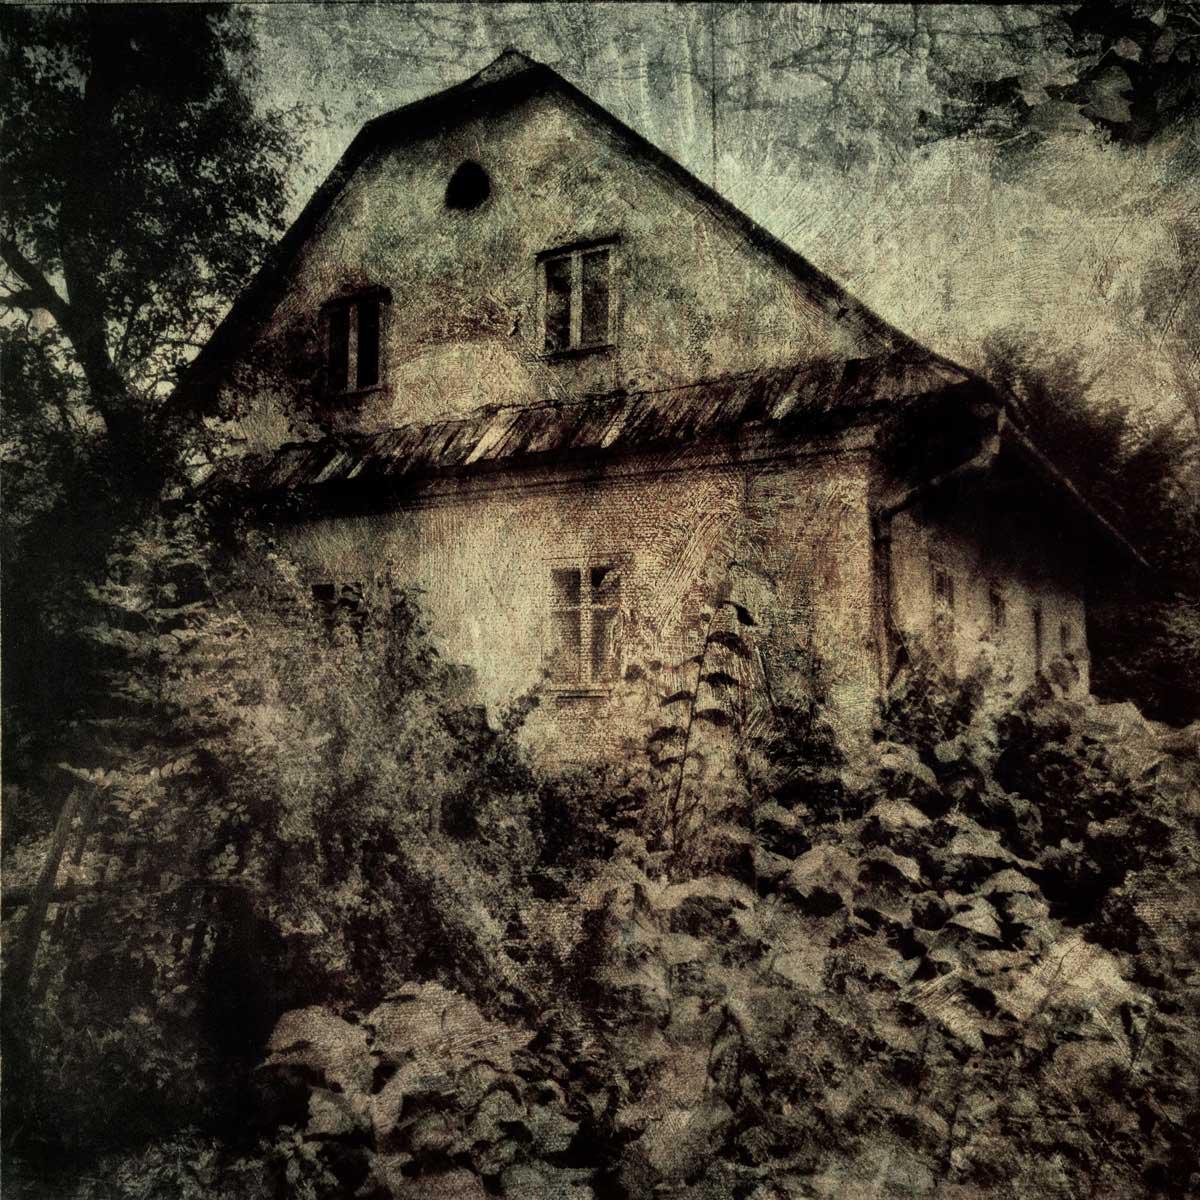 czech_house_no_border.jpg